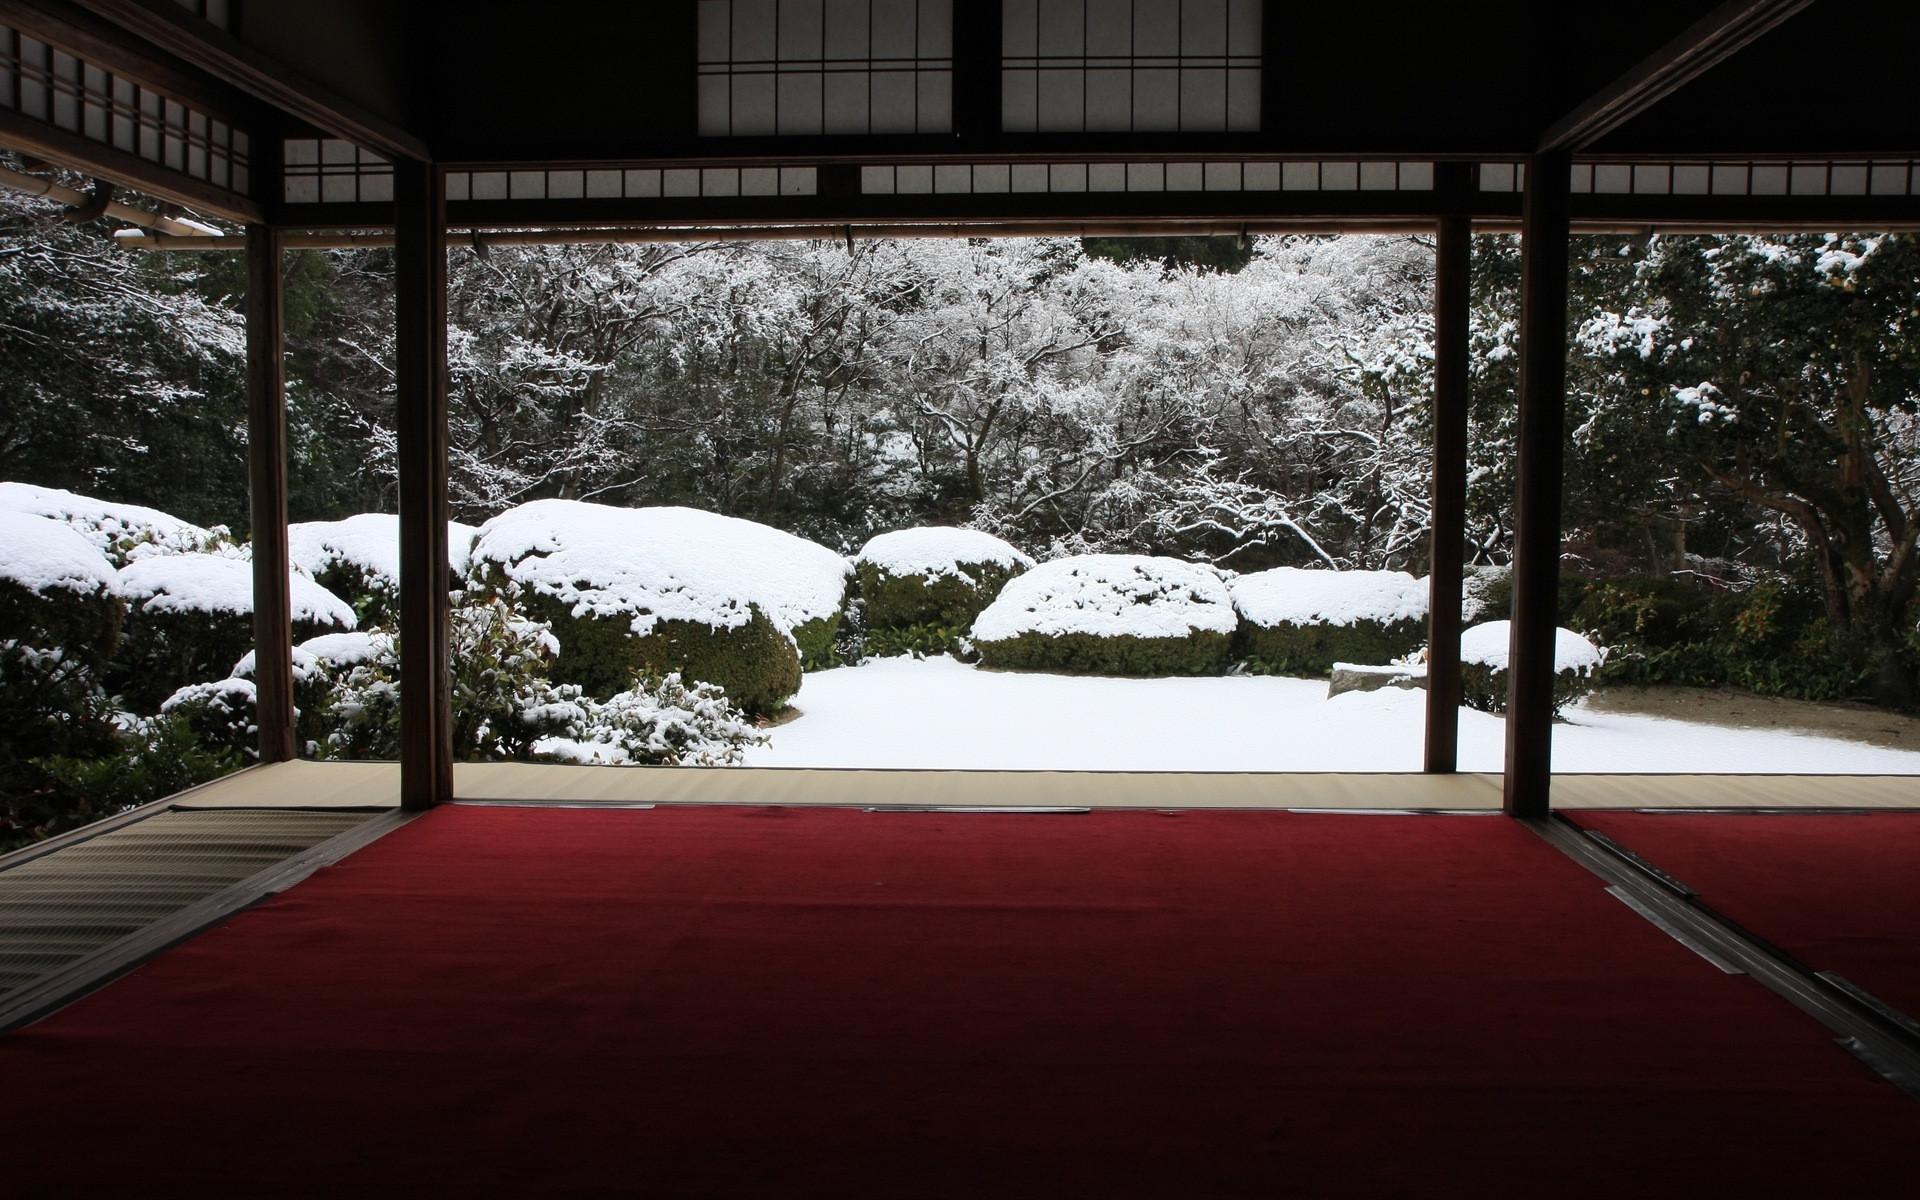 【画像】『冬の画像くだちい』まとめ